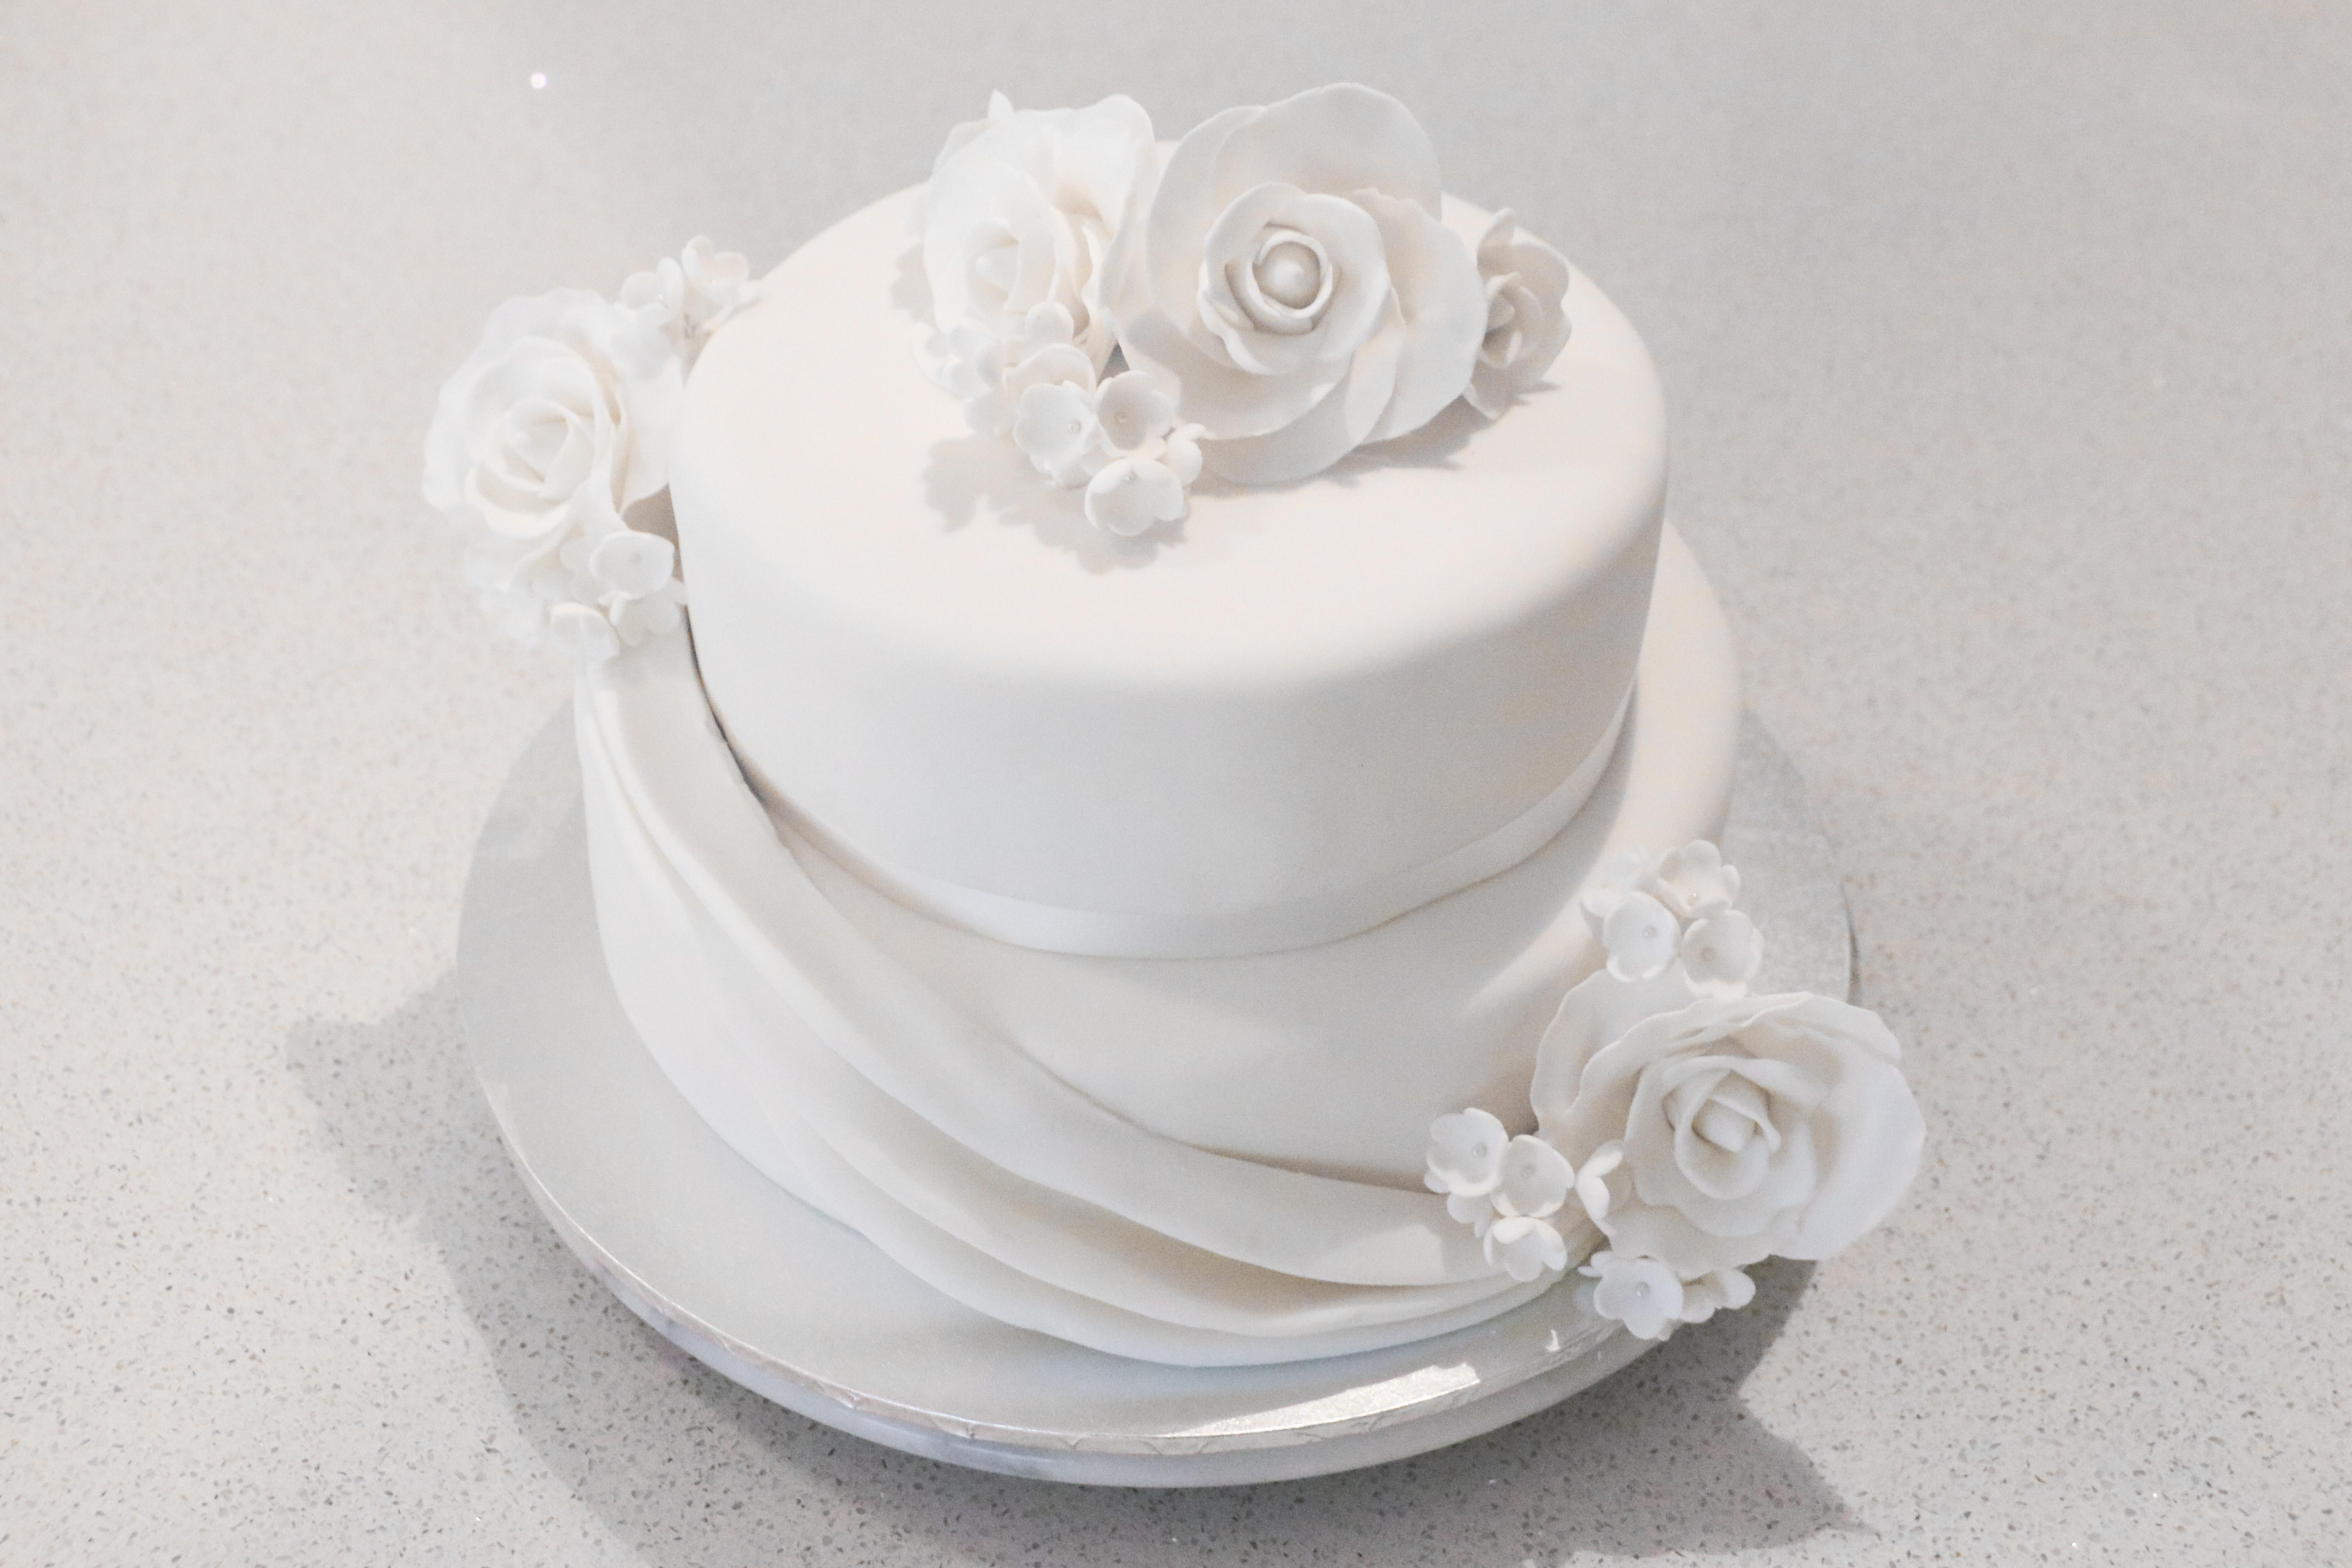 2-tier White Choc Mud Wedding Cake